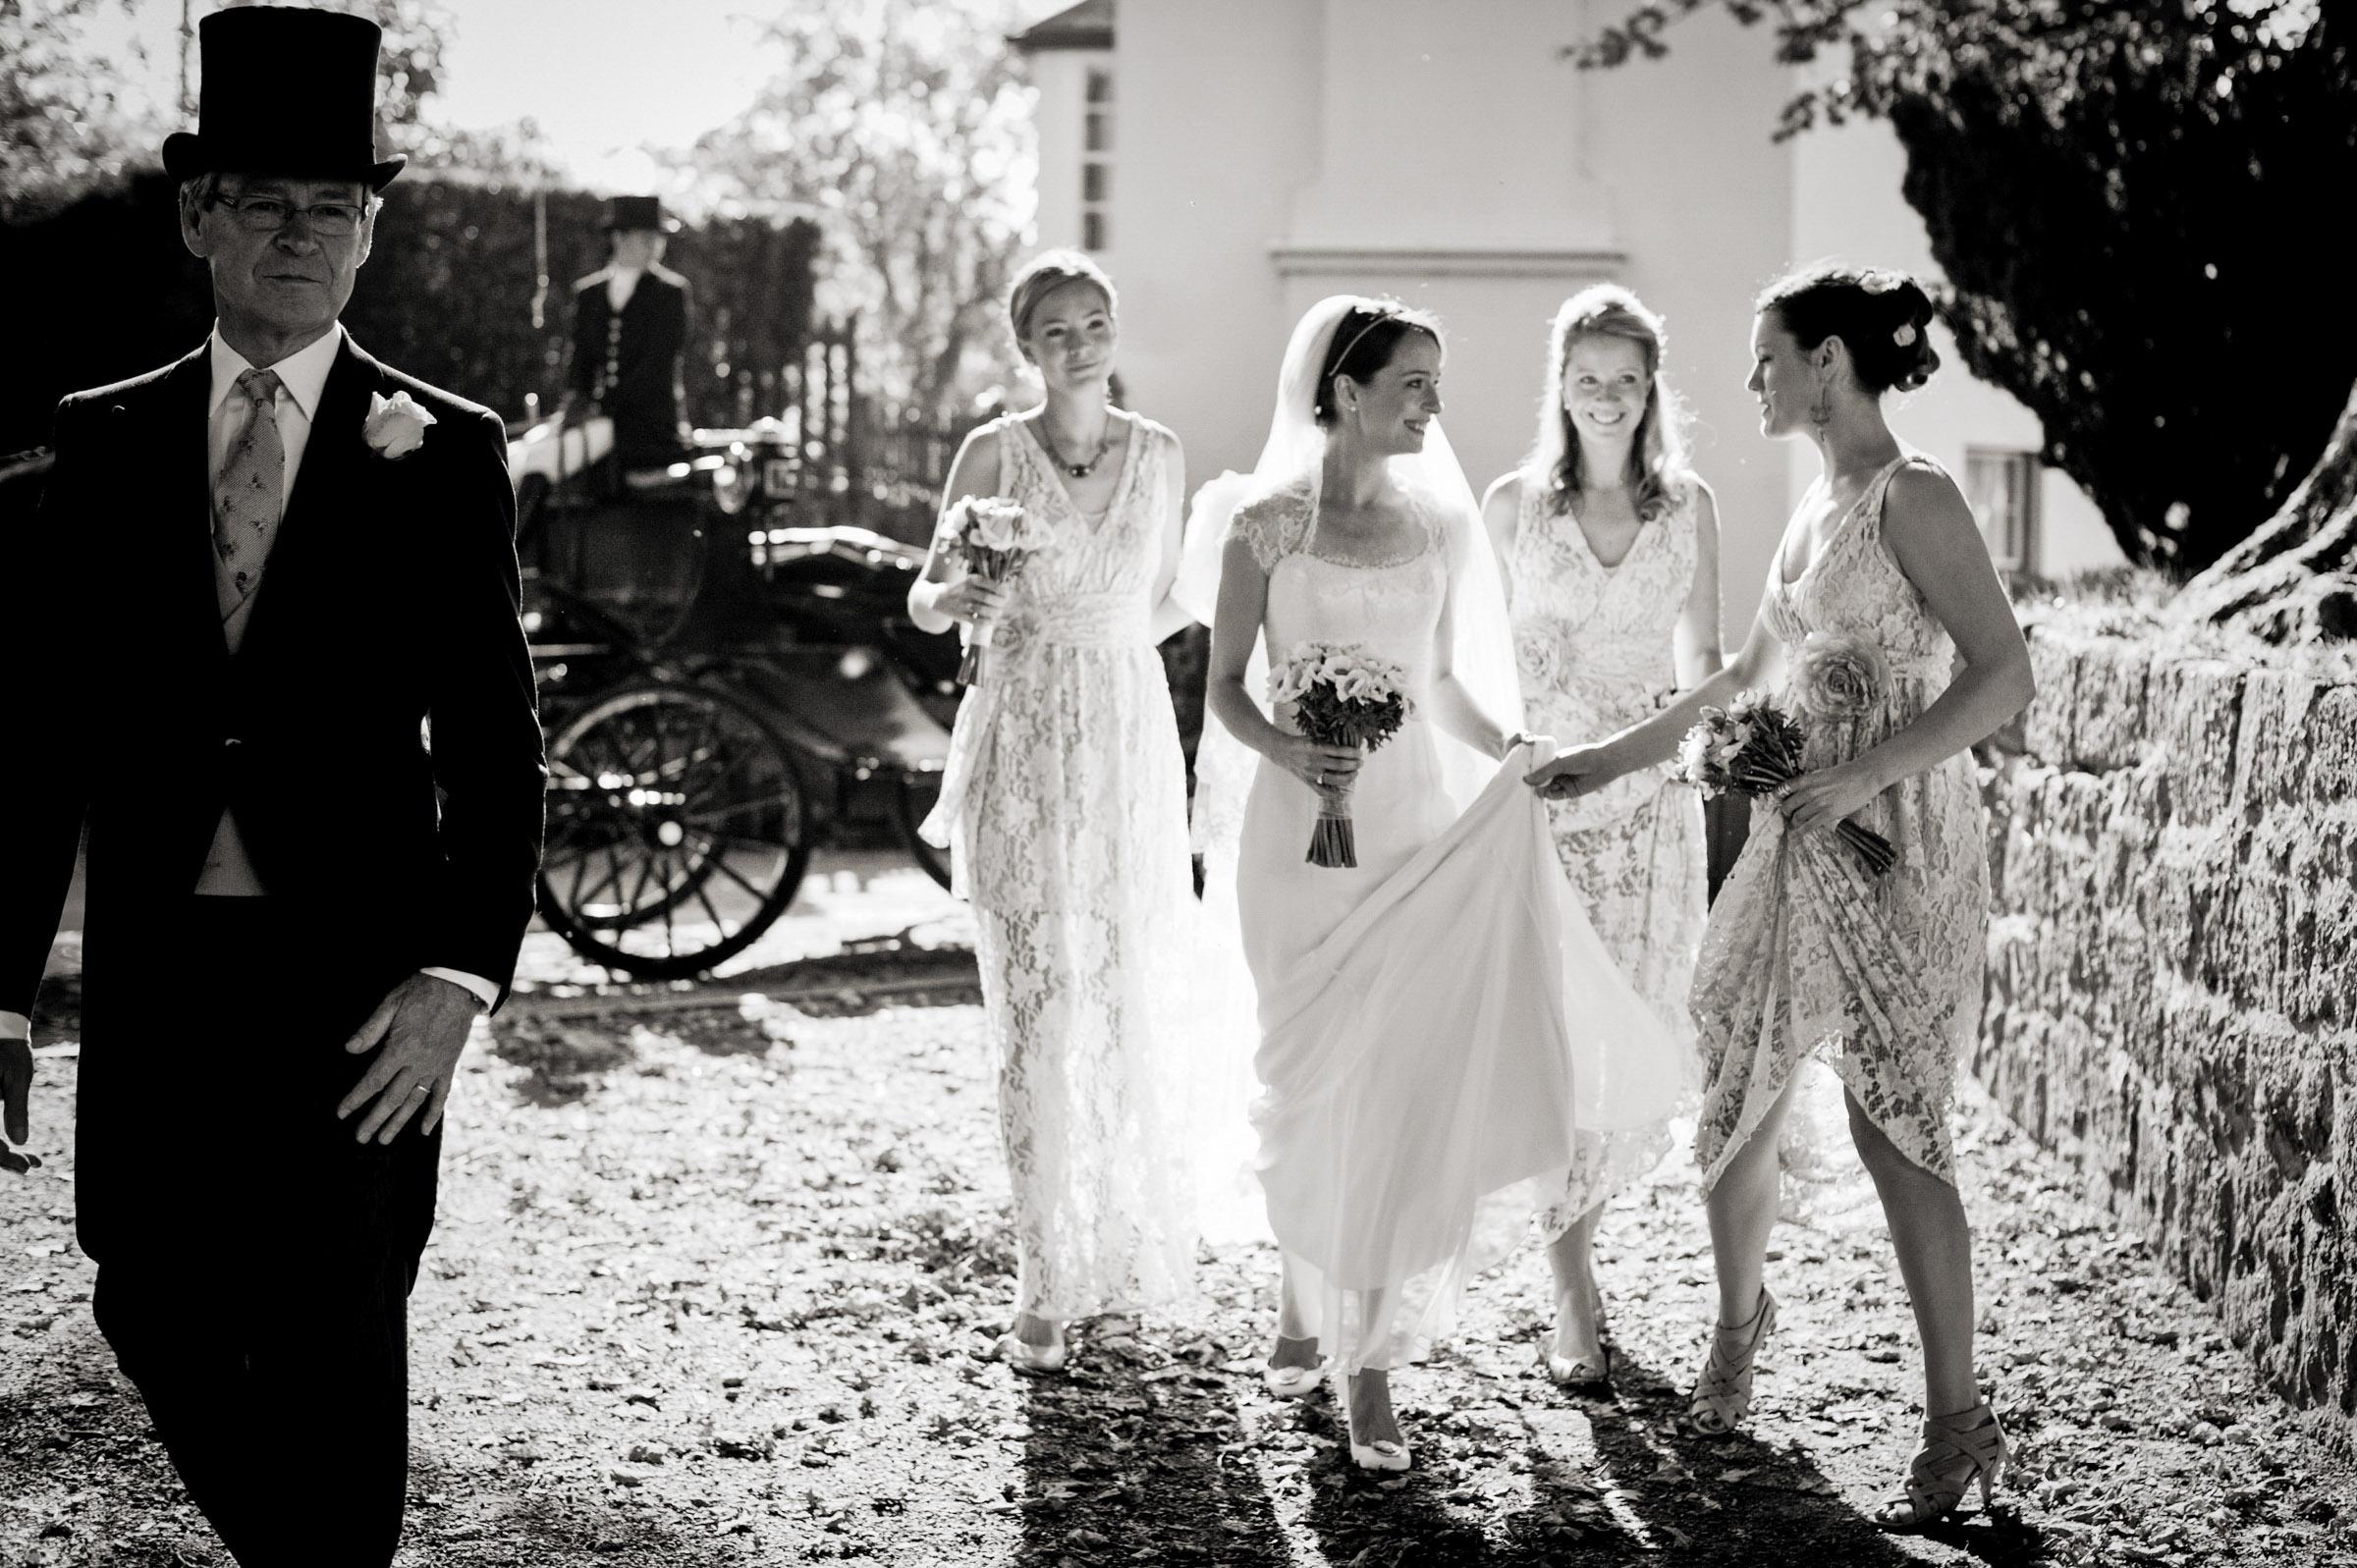 婚礼的照片安排